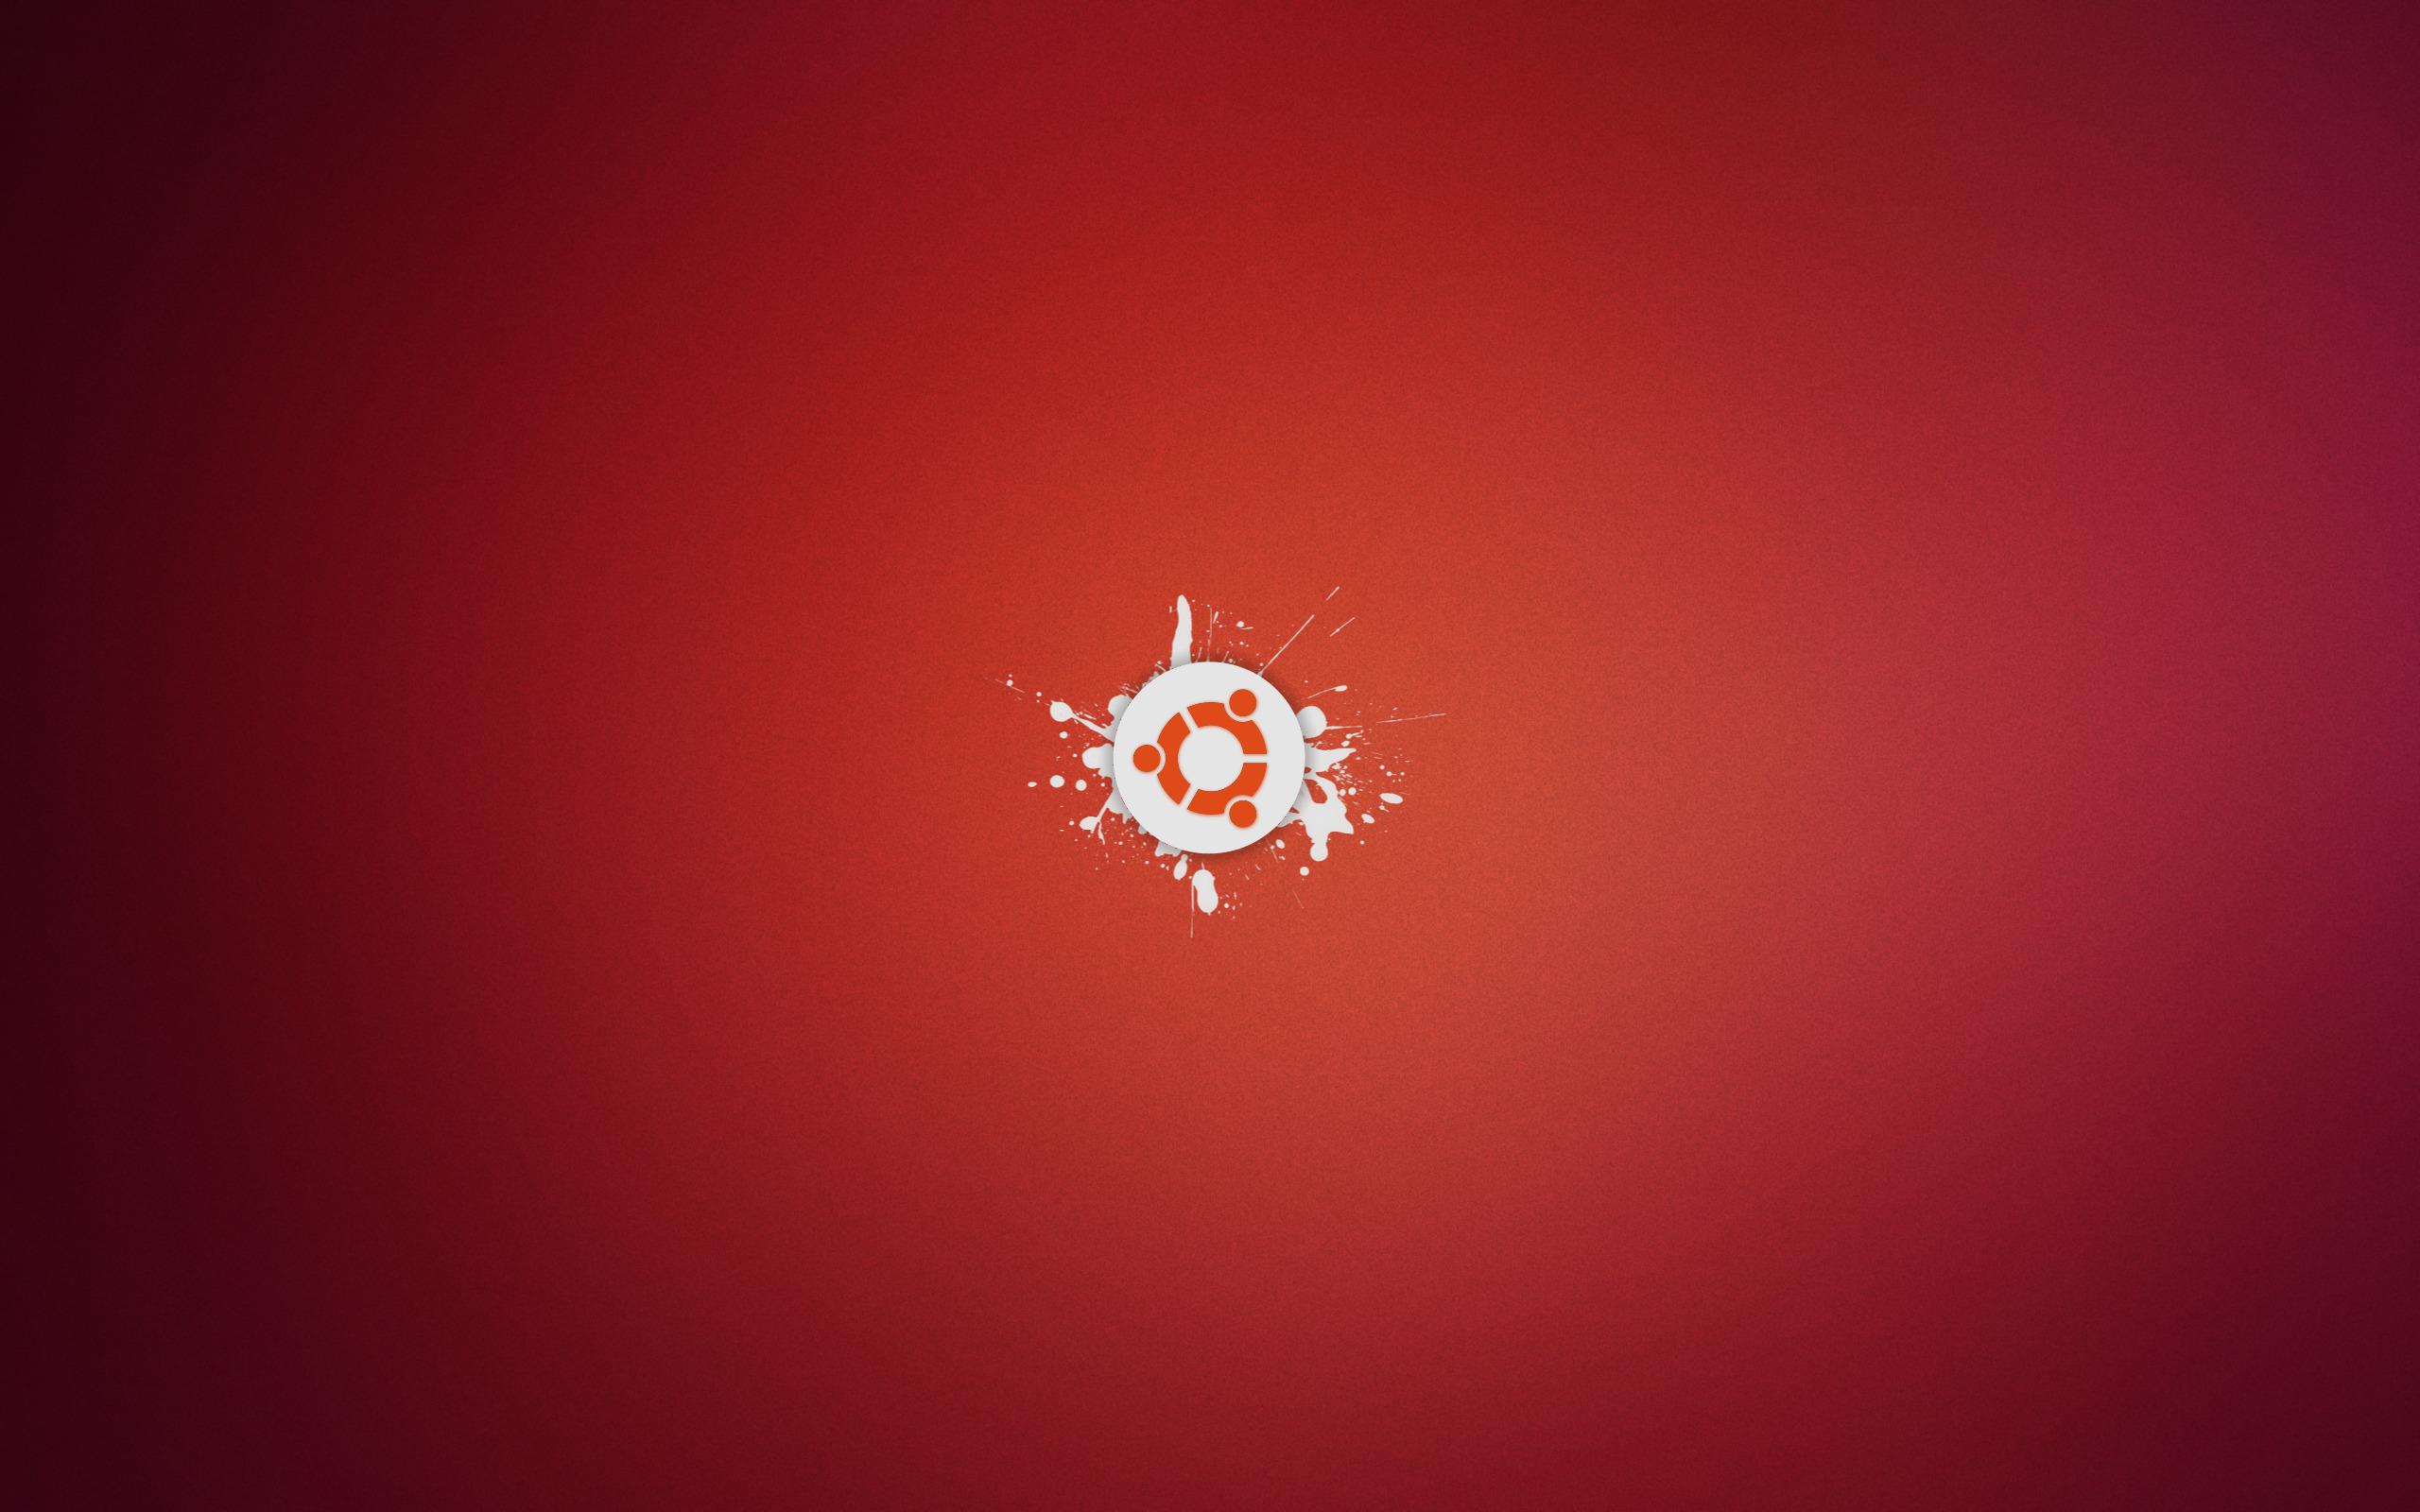 ubuntu wallpapers